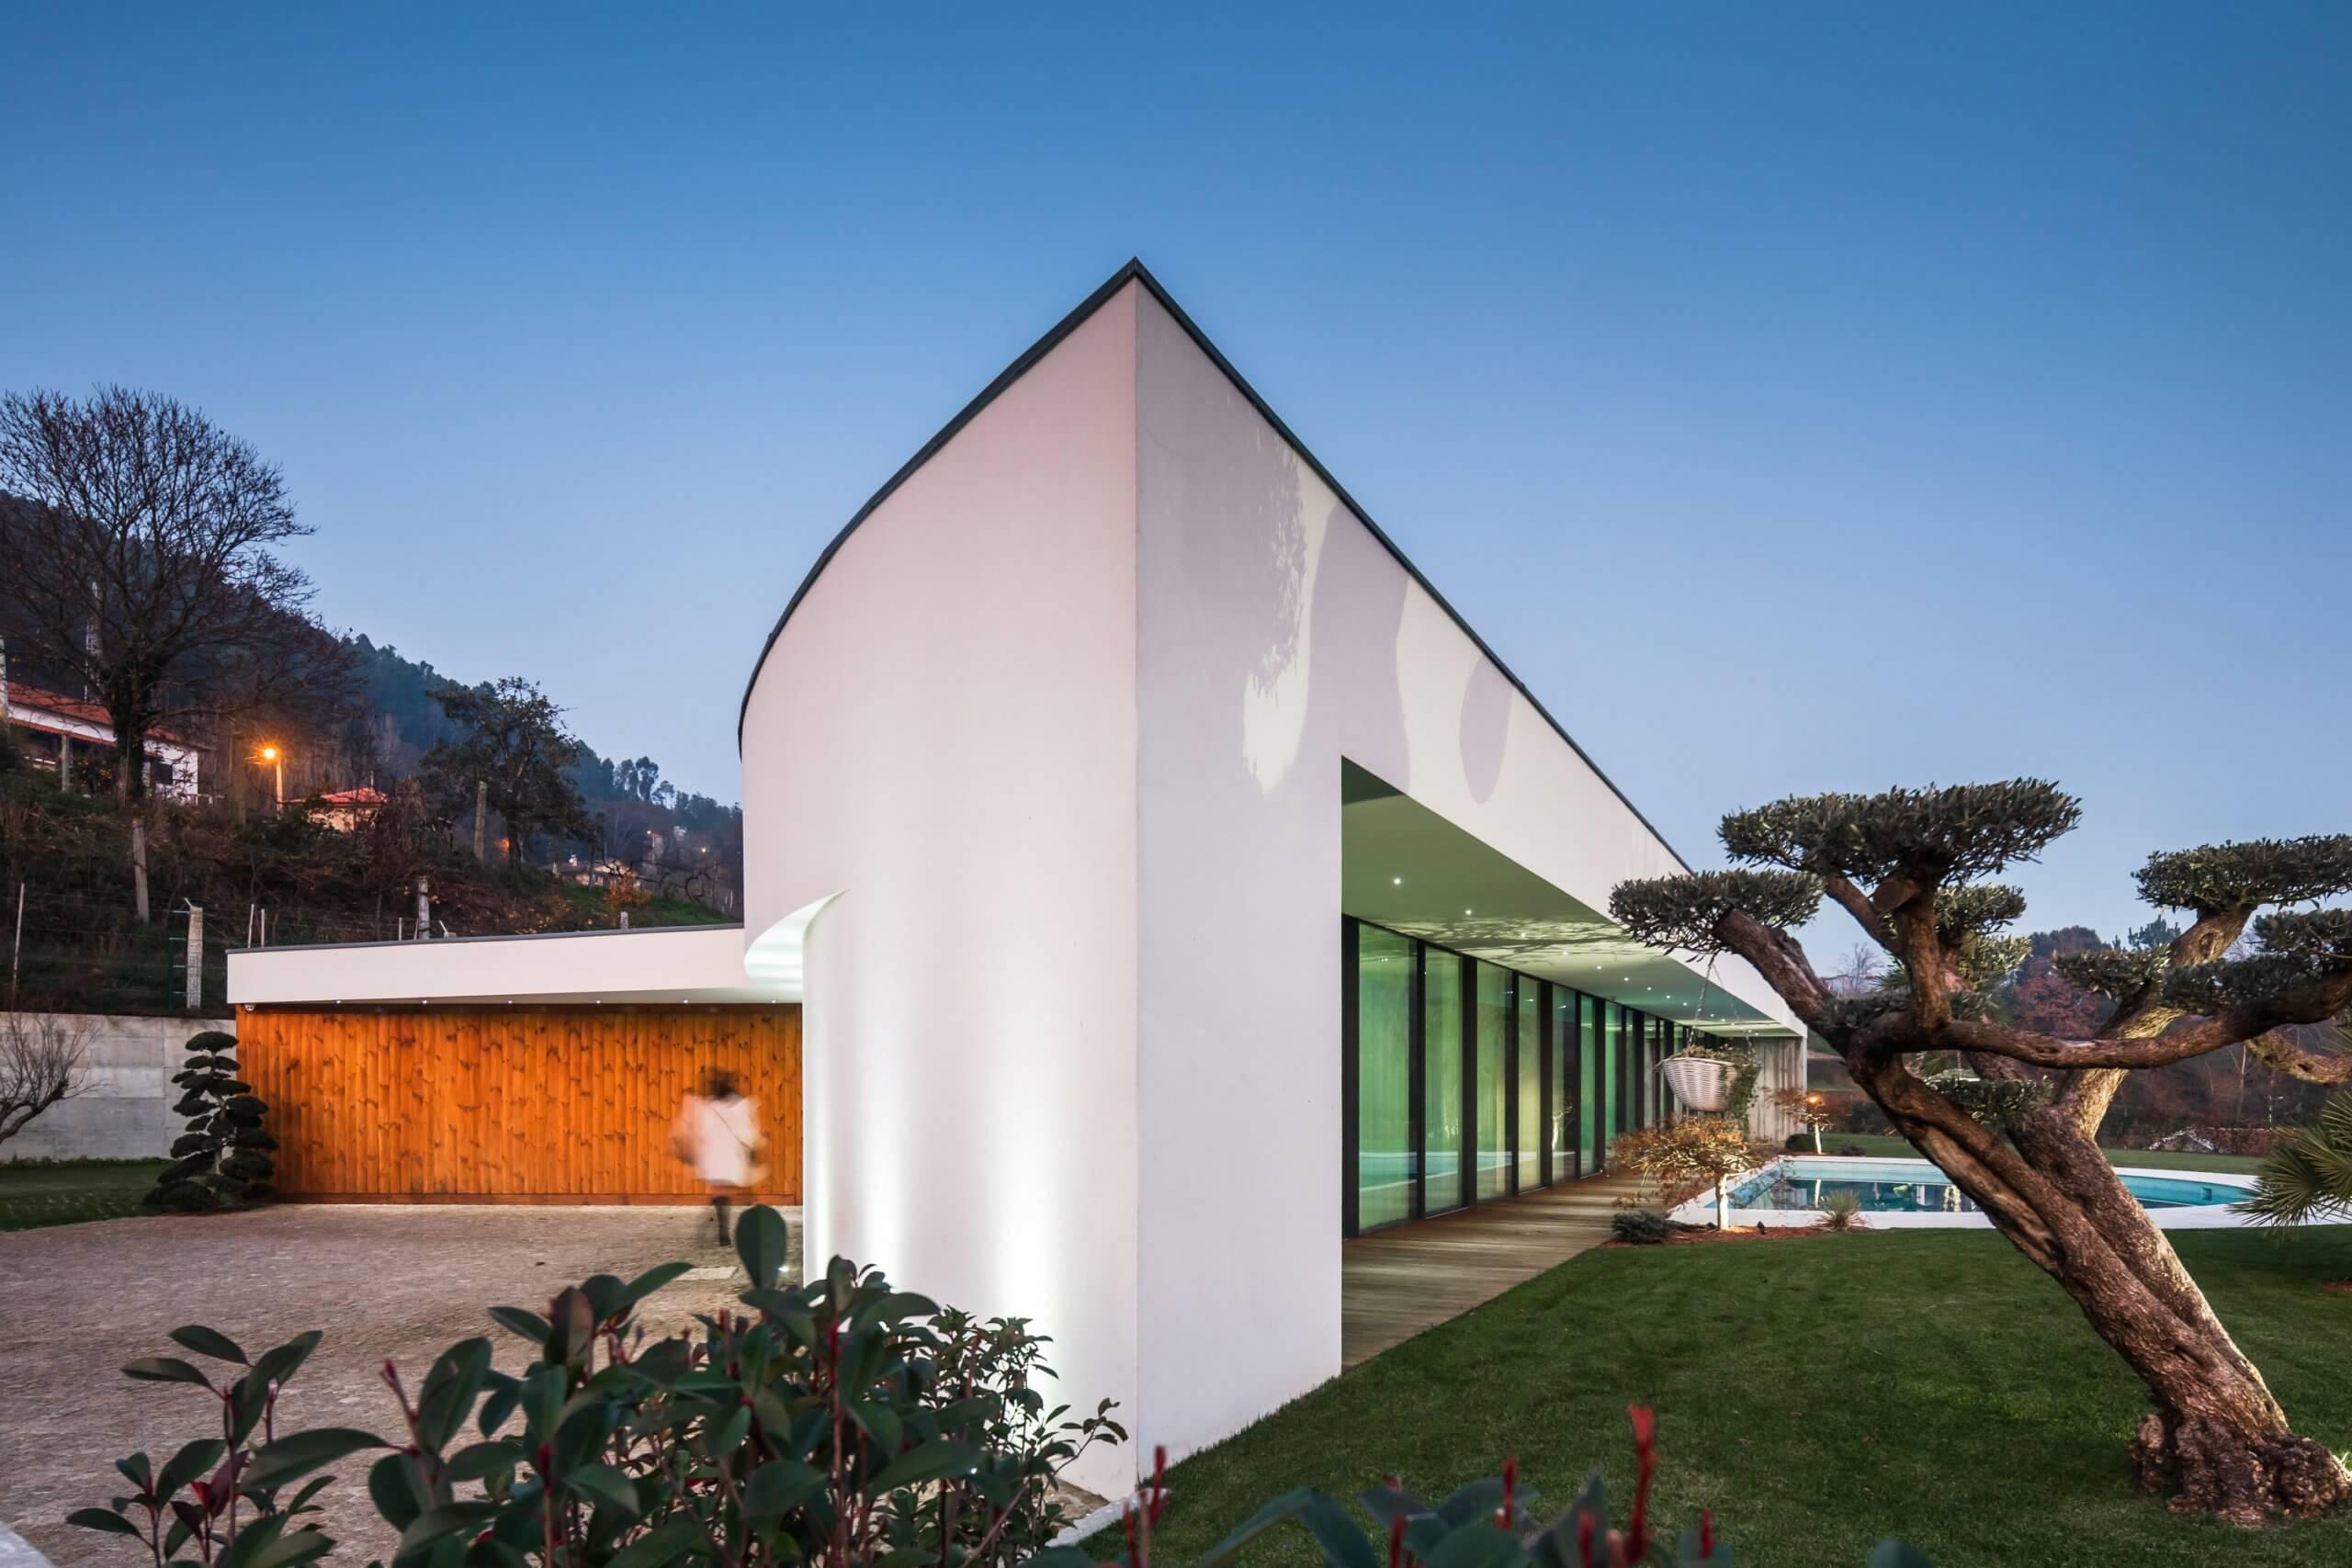 Ana de Bastos, Arquitectura